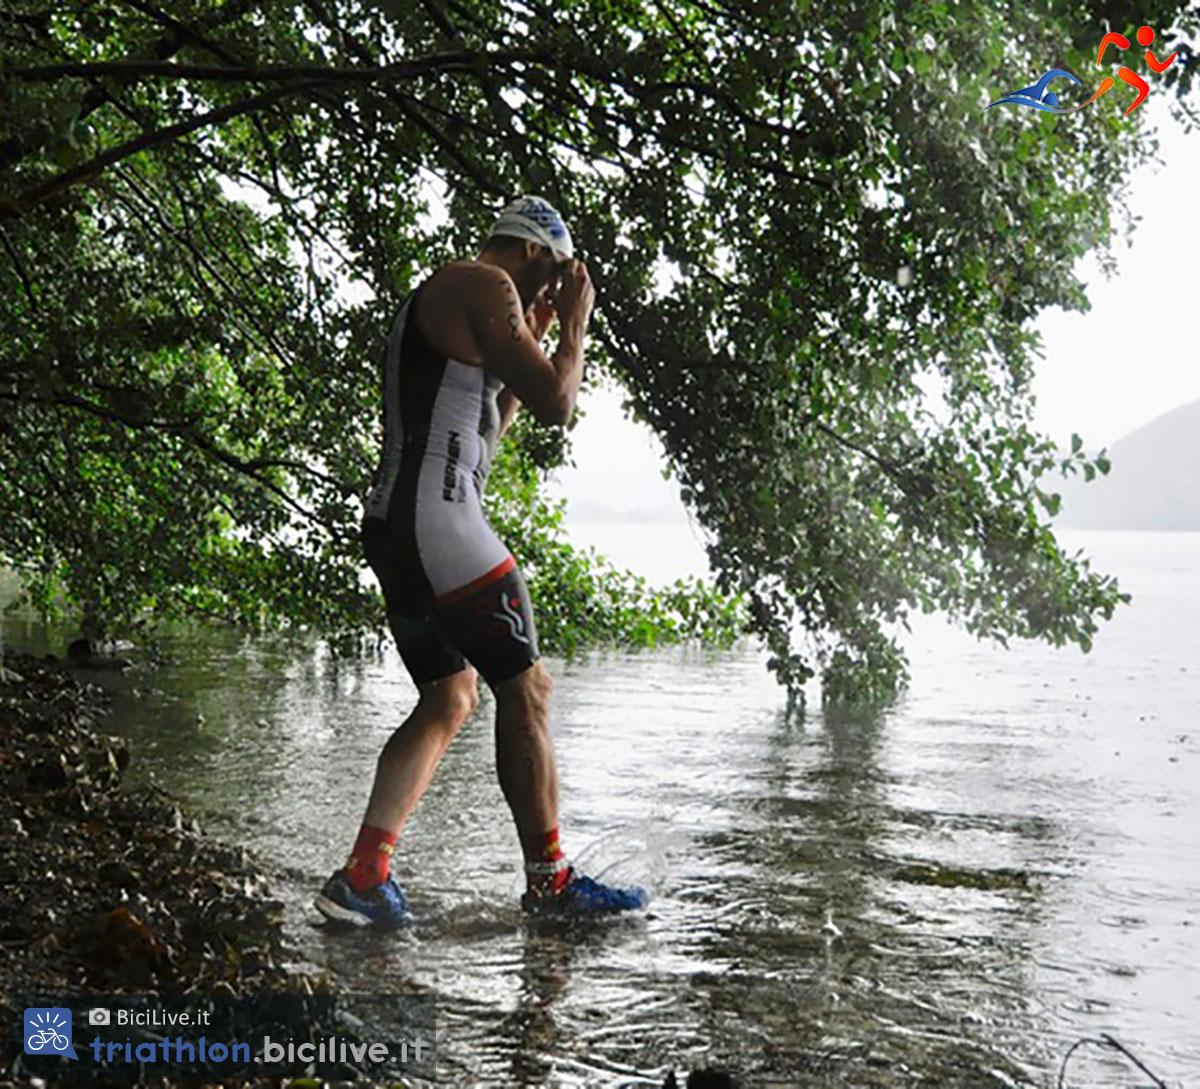 swimrun atleta che si prepare ad entrare in acqua